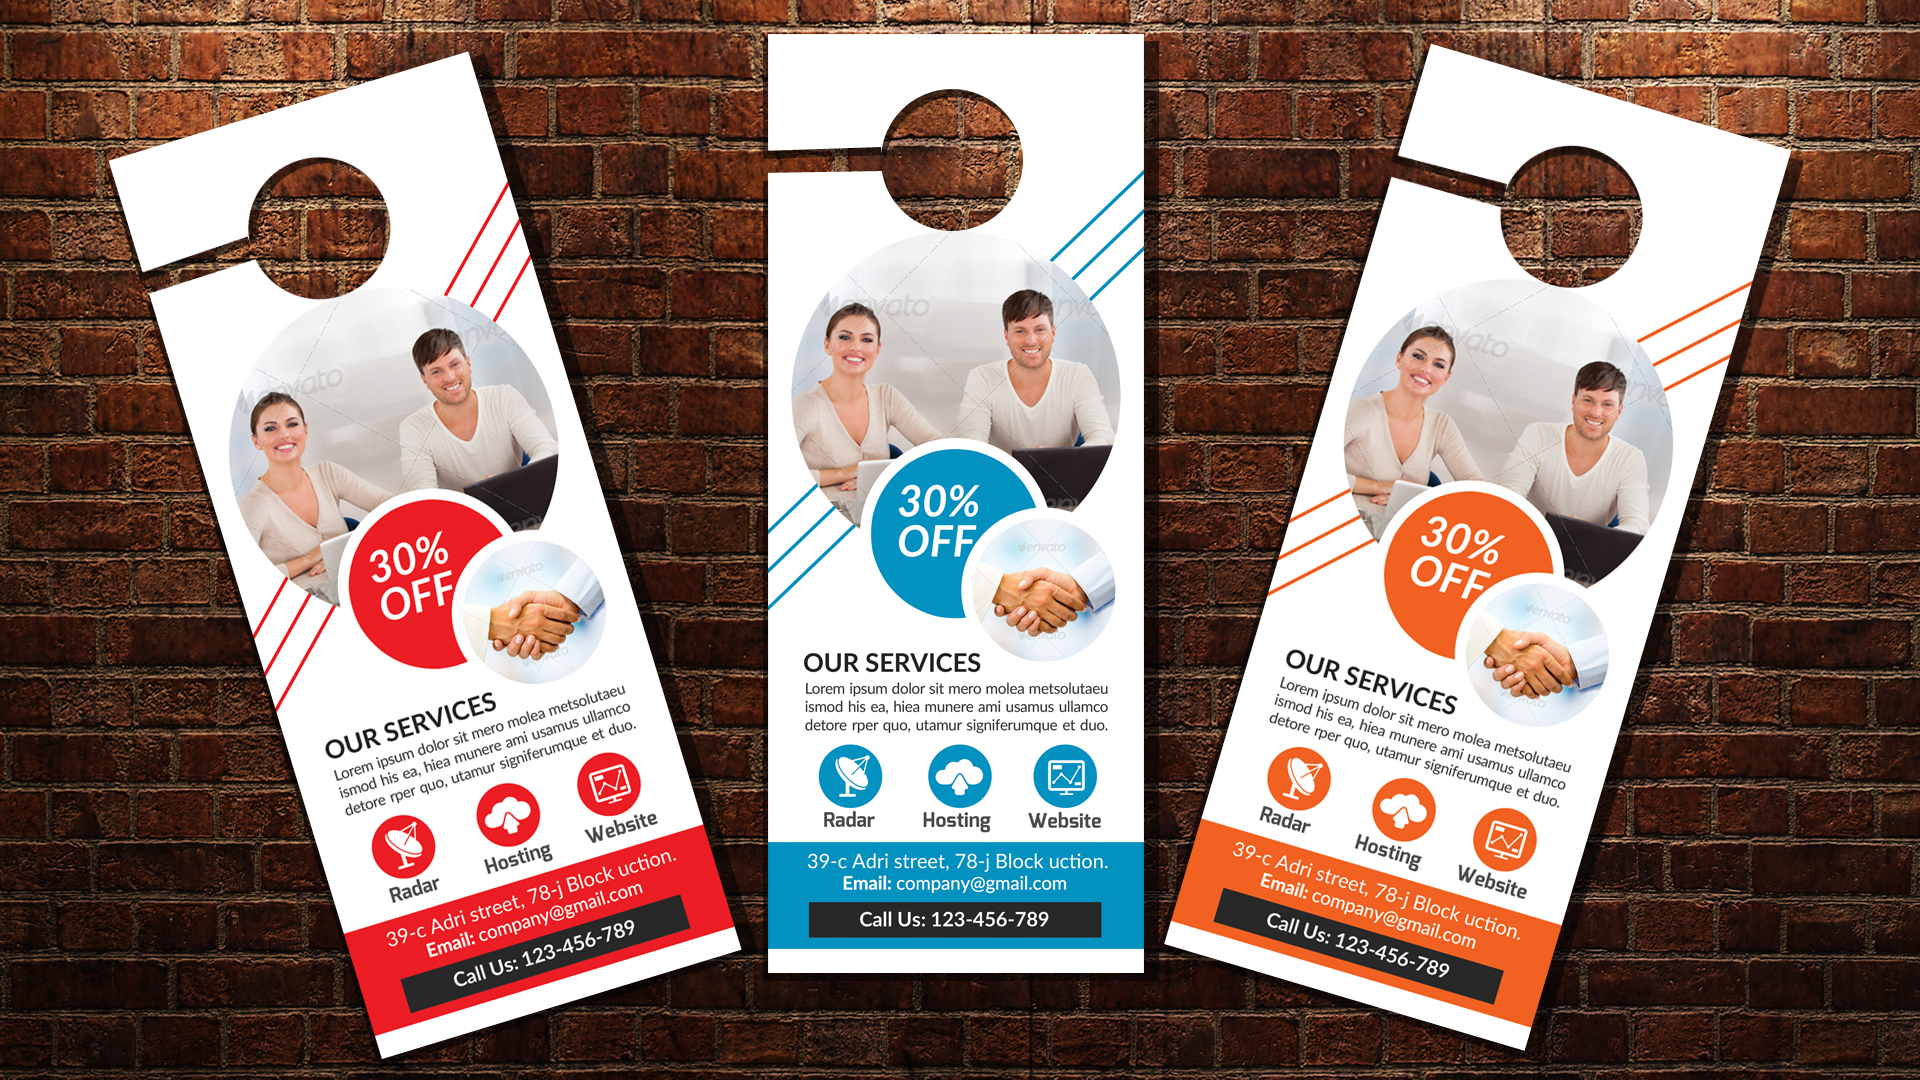 Business Solutions Consultant Door Hangers example image 3